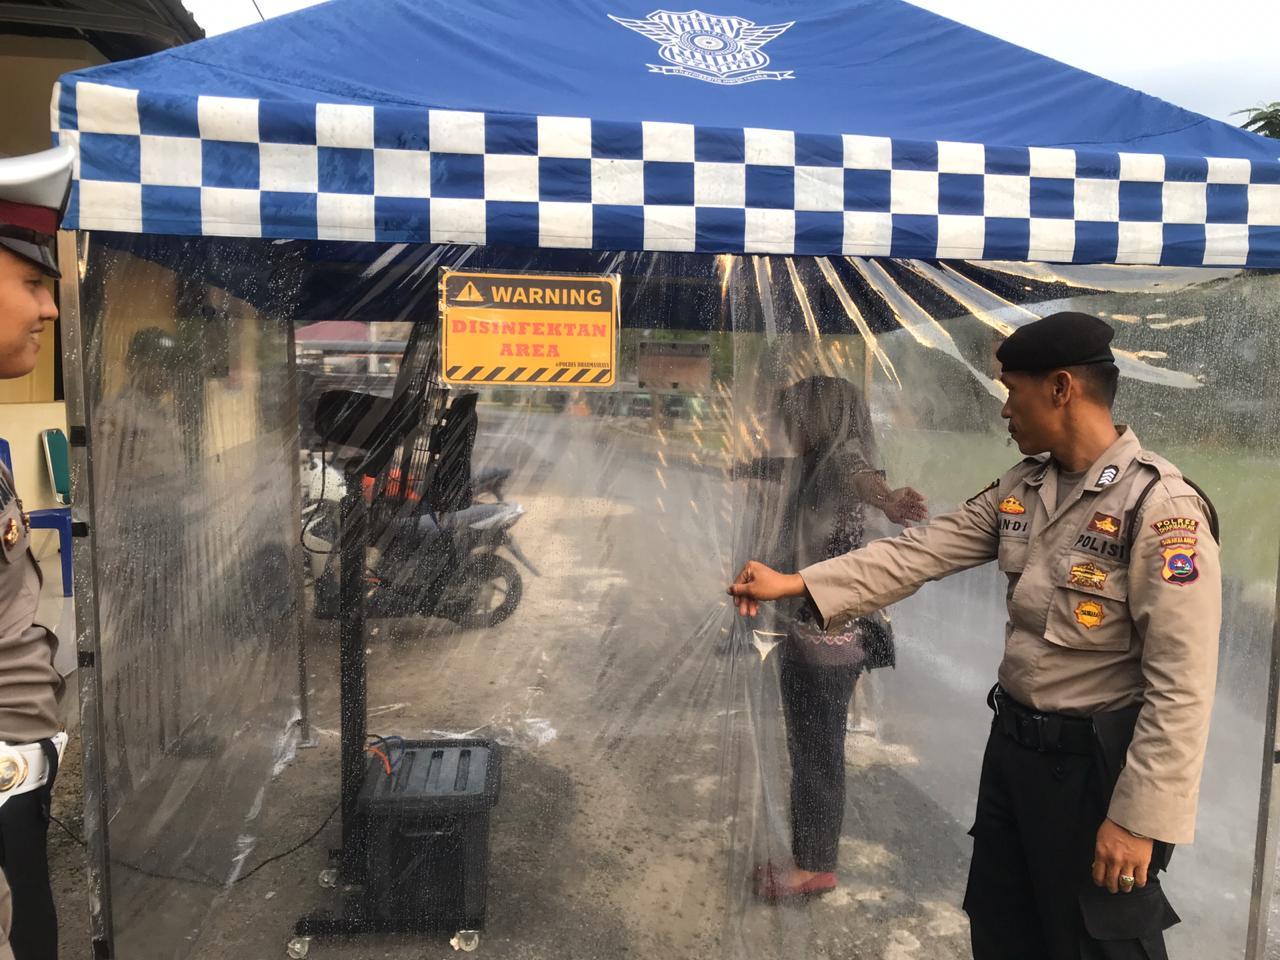 Polres Dharmasraya Dirikan Tenda Sterilisasi Antisipasi Penyebaran Covid 19